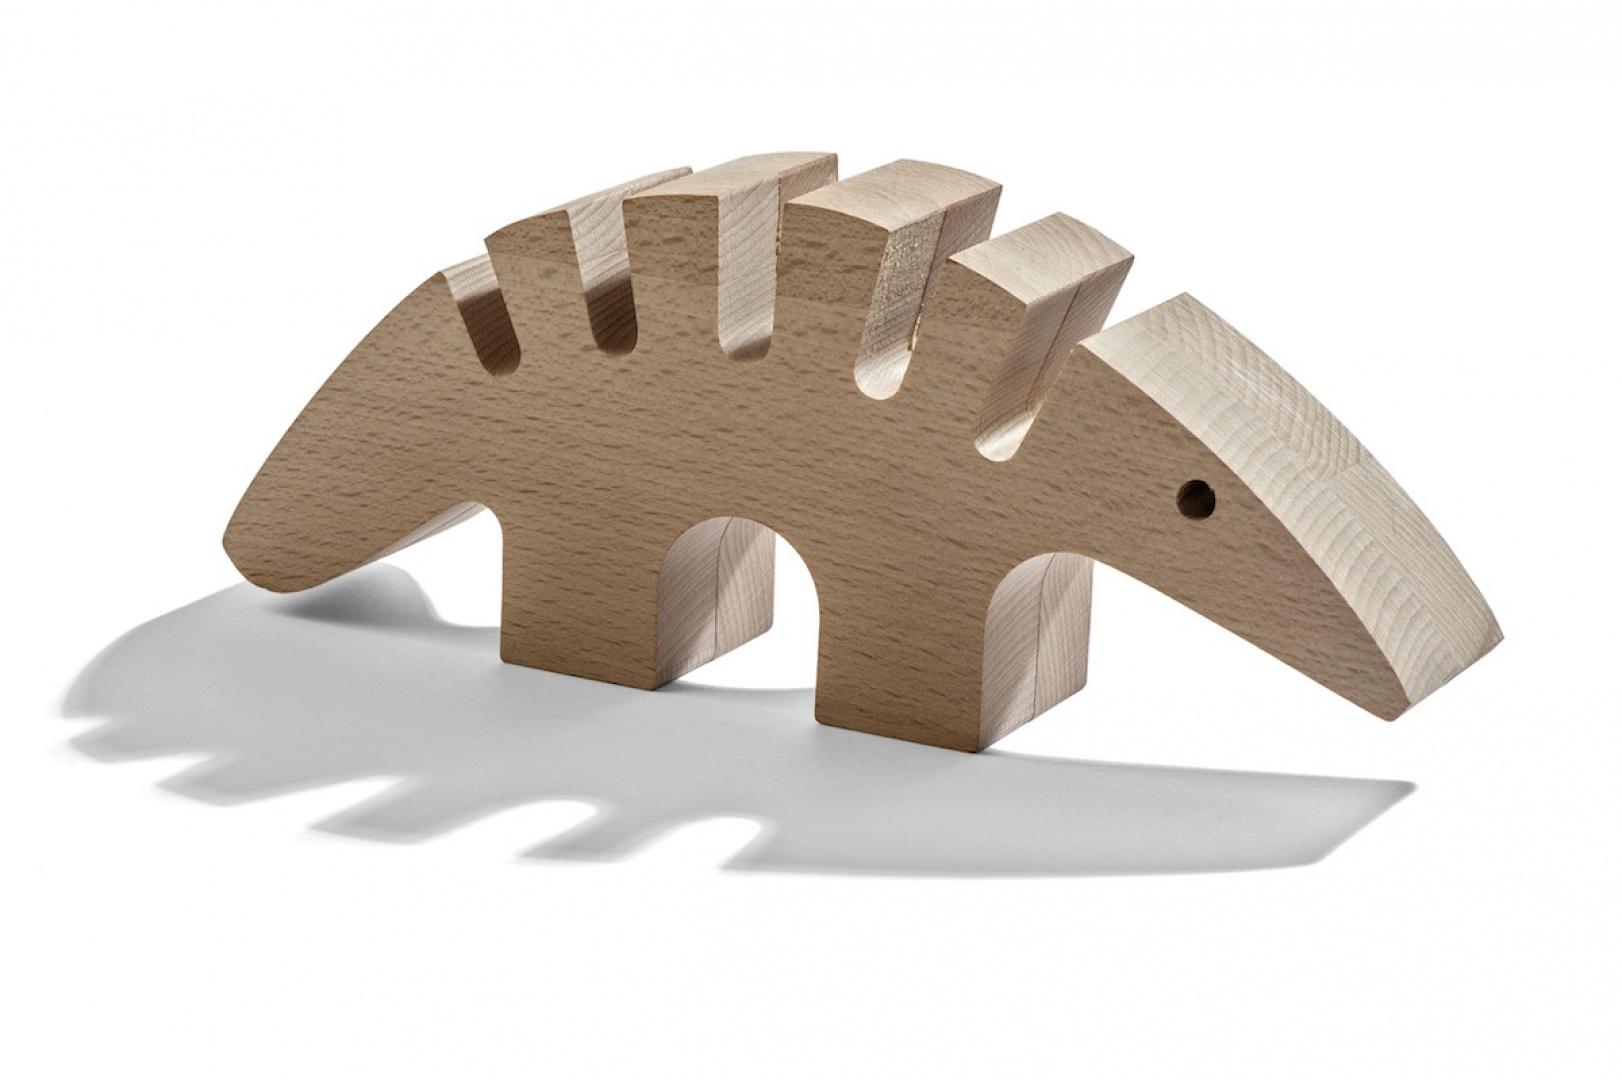 """Produkty marki WellDone to wykonywane są z naturalnych materiałów, jak drewno. Fot. Fundacja Rozwoju Przedsiębiorczości Społecznej """"Być Razem"""", marka WellDone."""